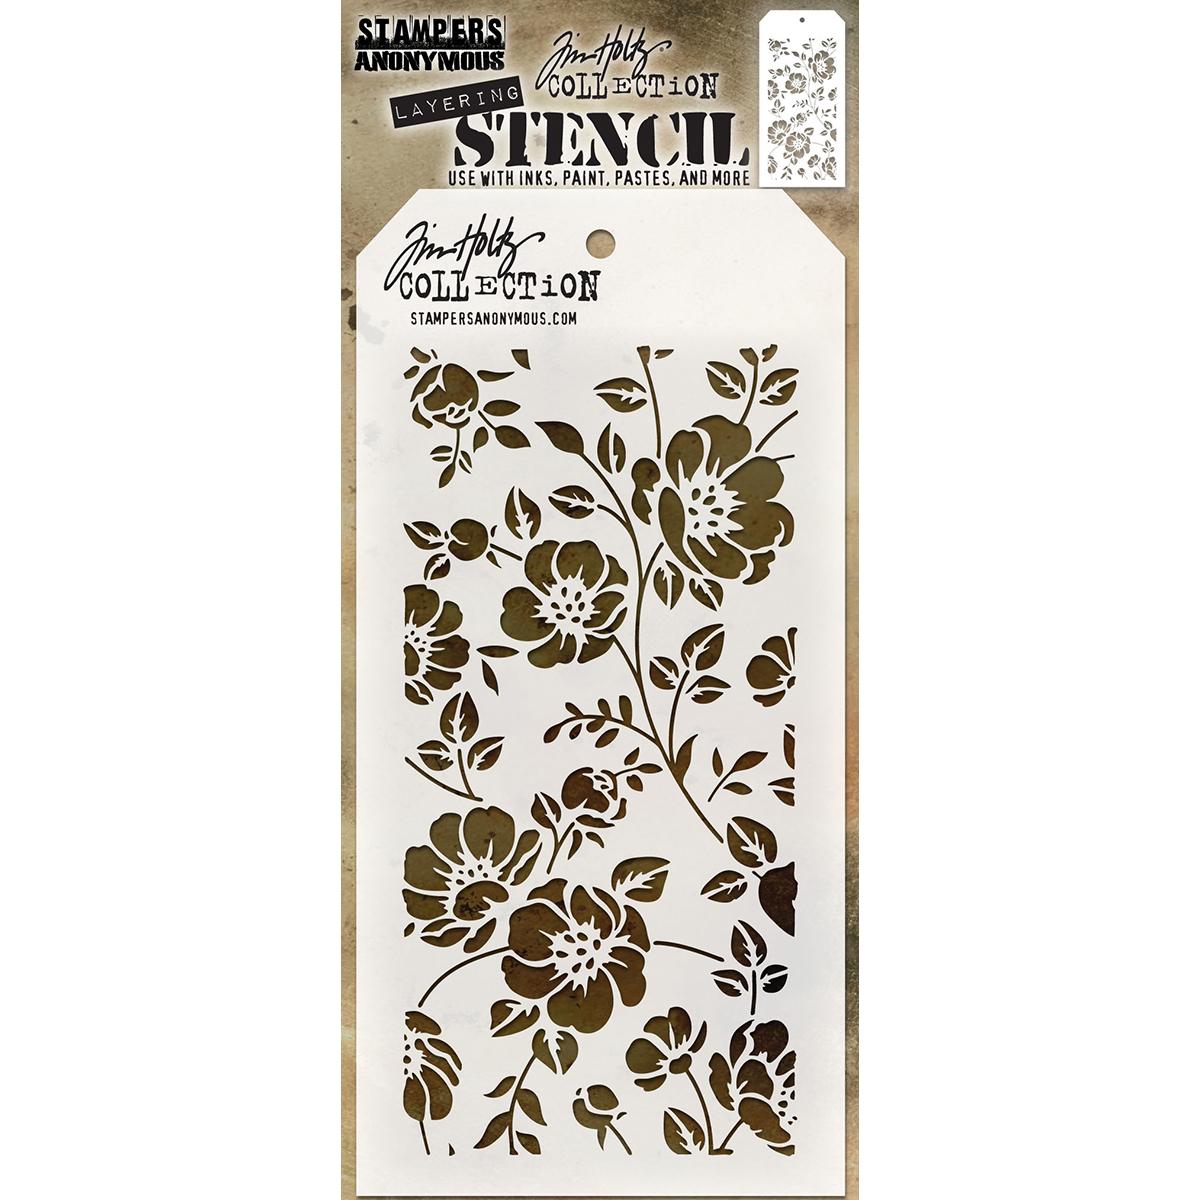 Tim Holtz Layered Stencil 4.125X8.5-Floral